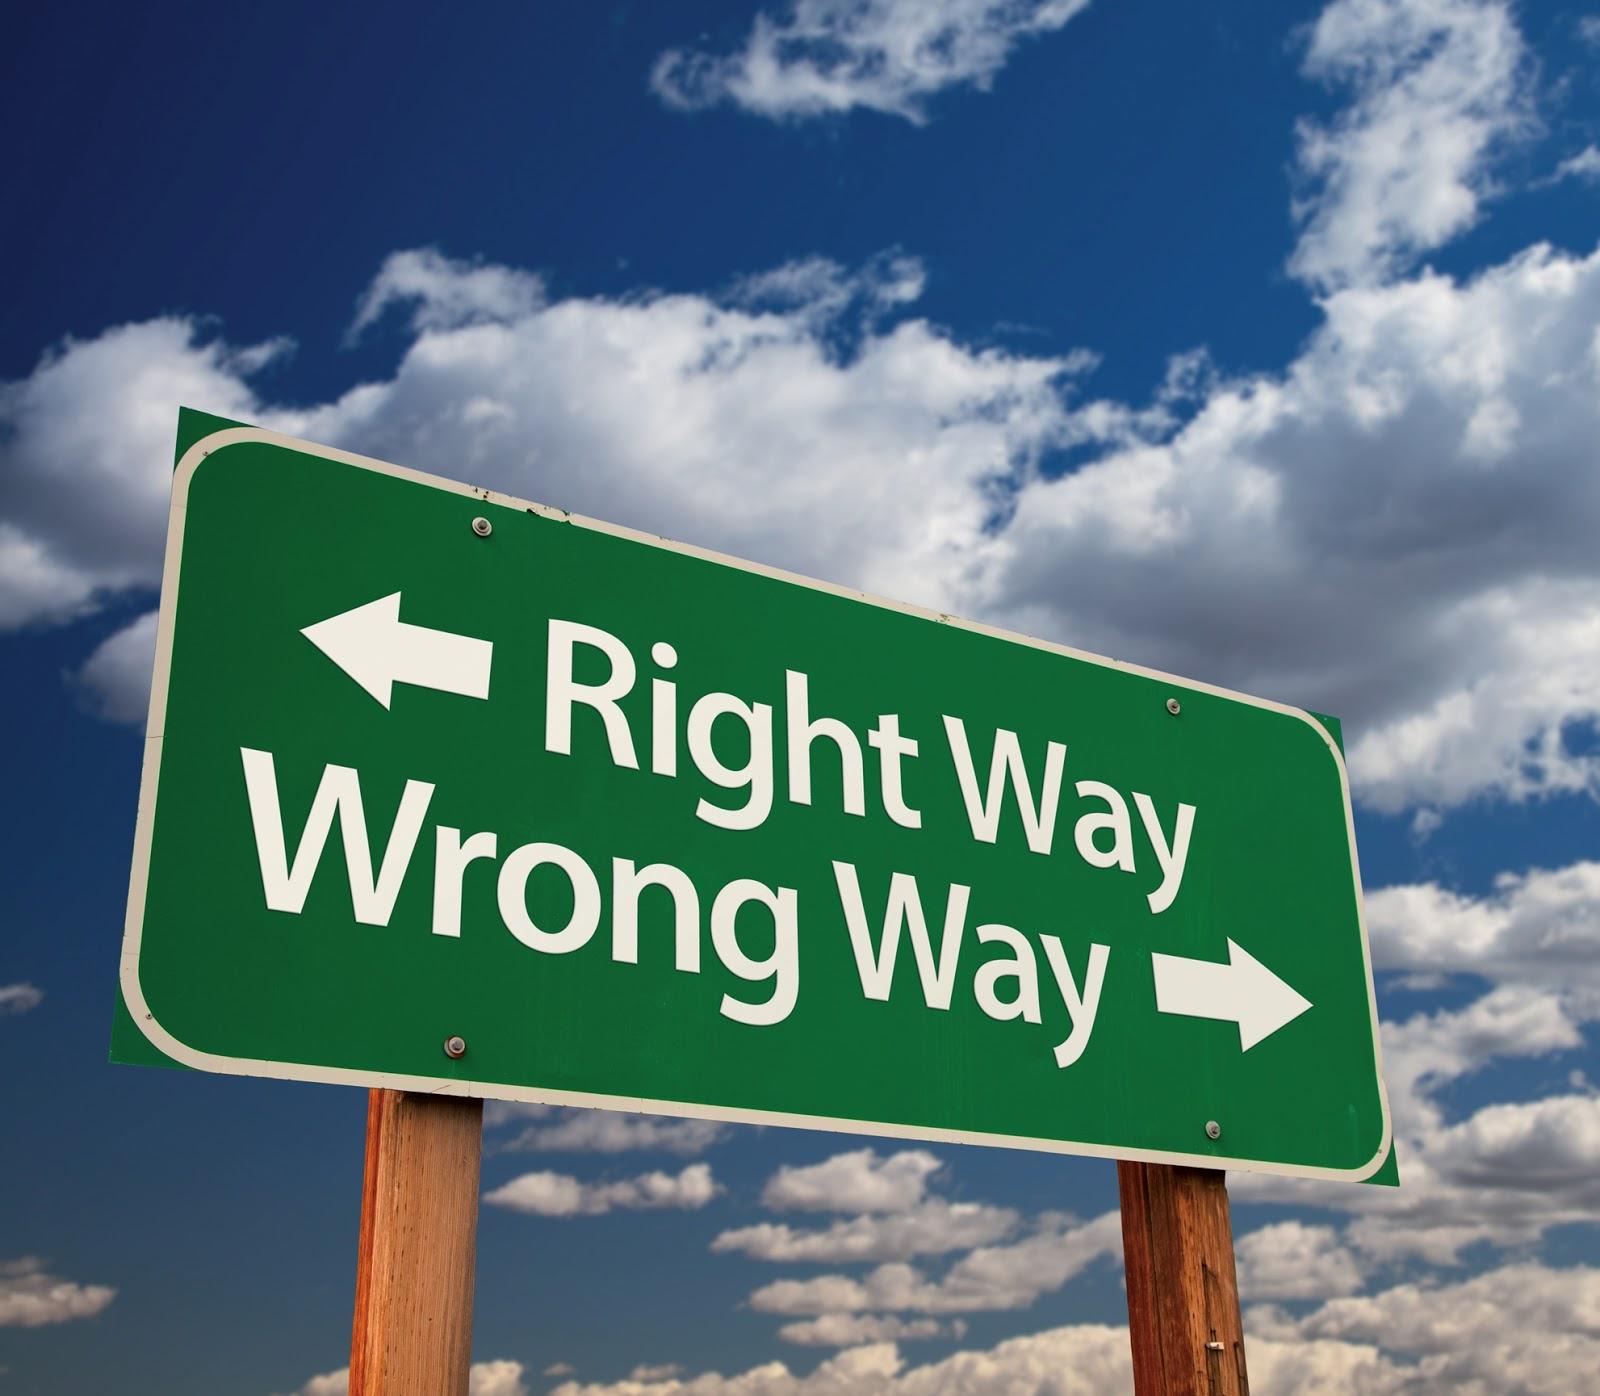 RIGHT WAY WRONG WAY.jpg